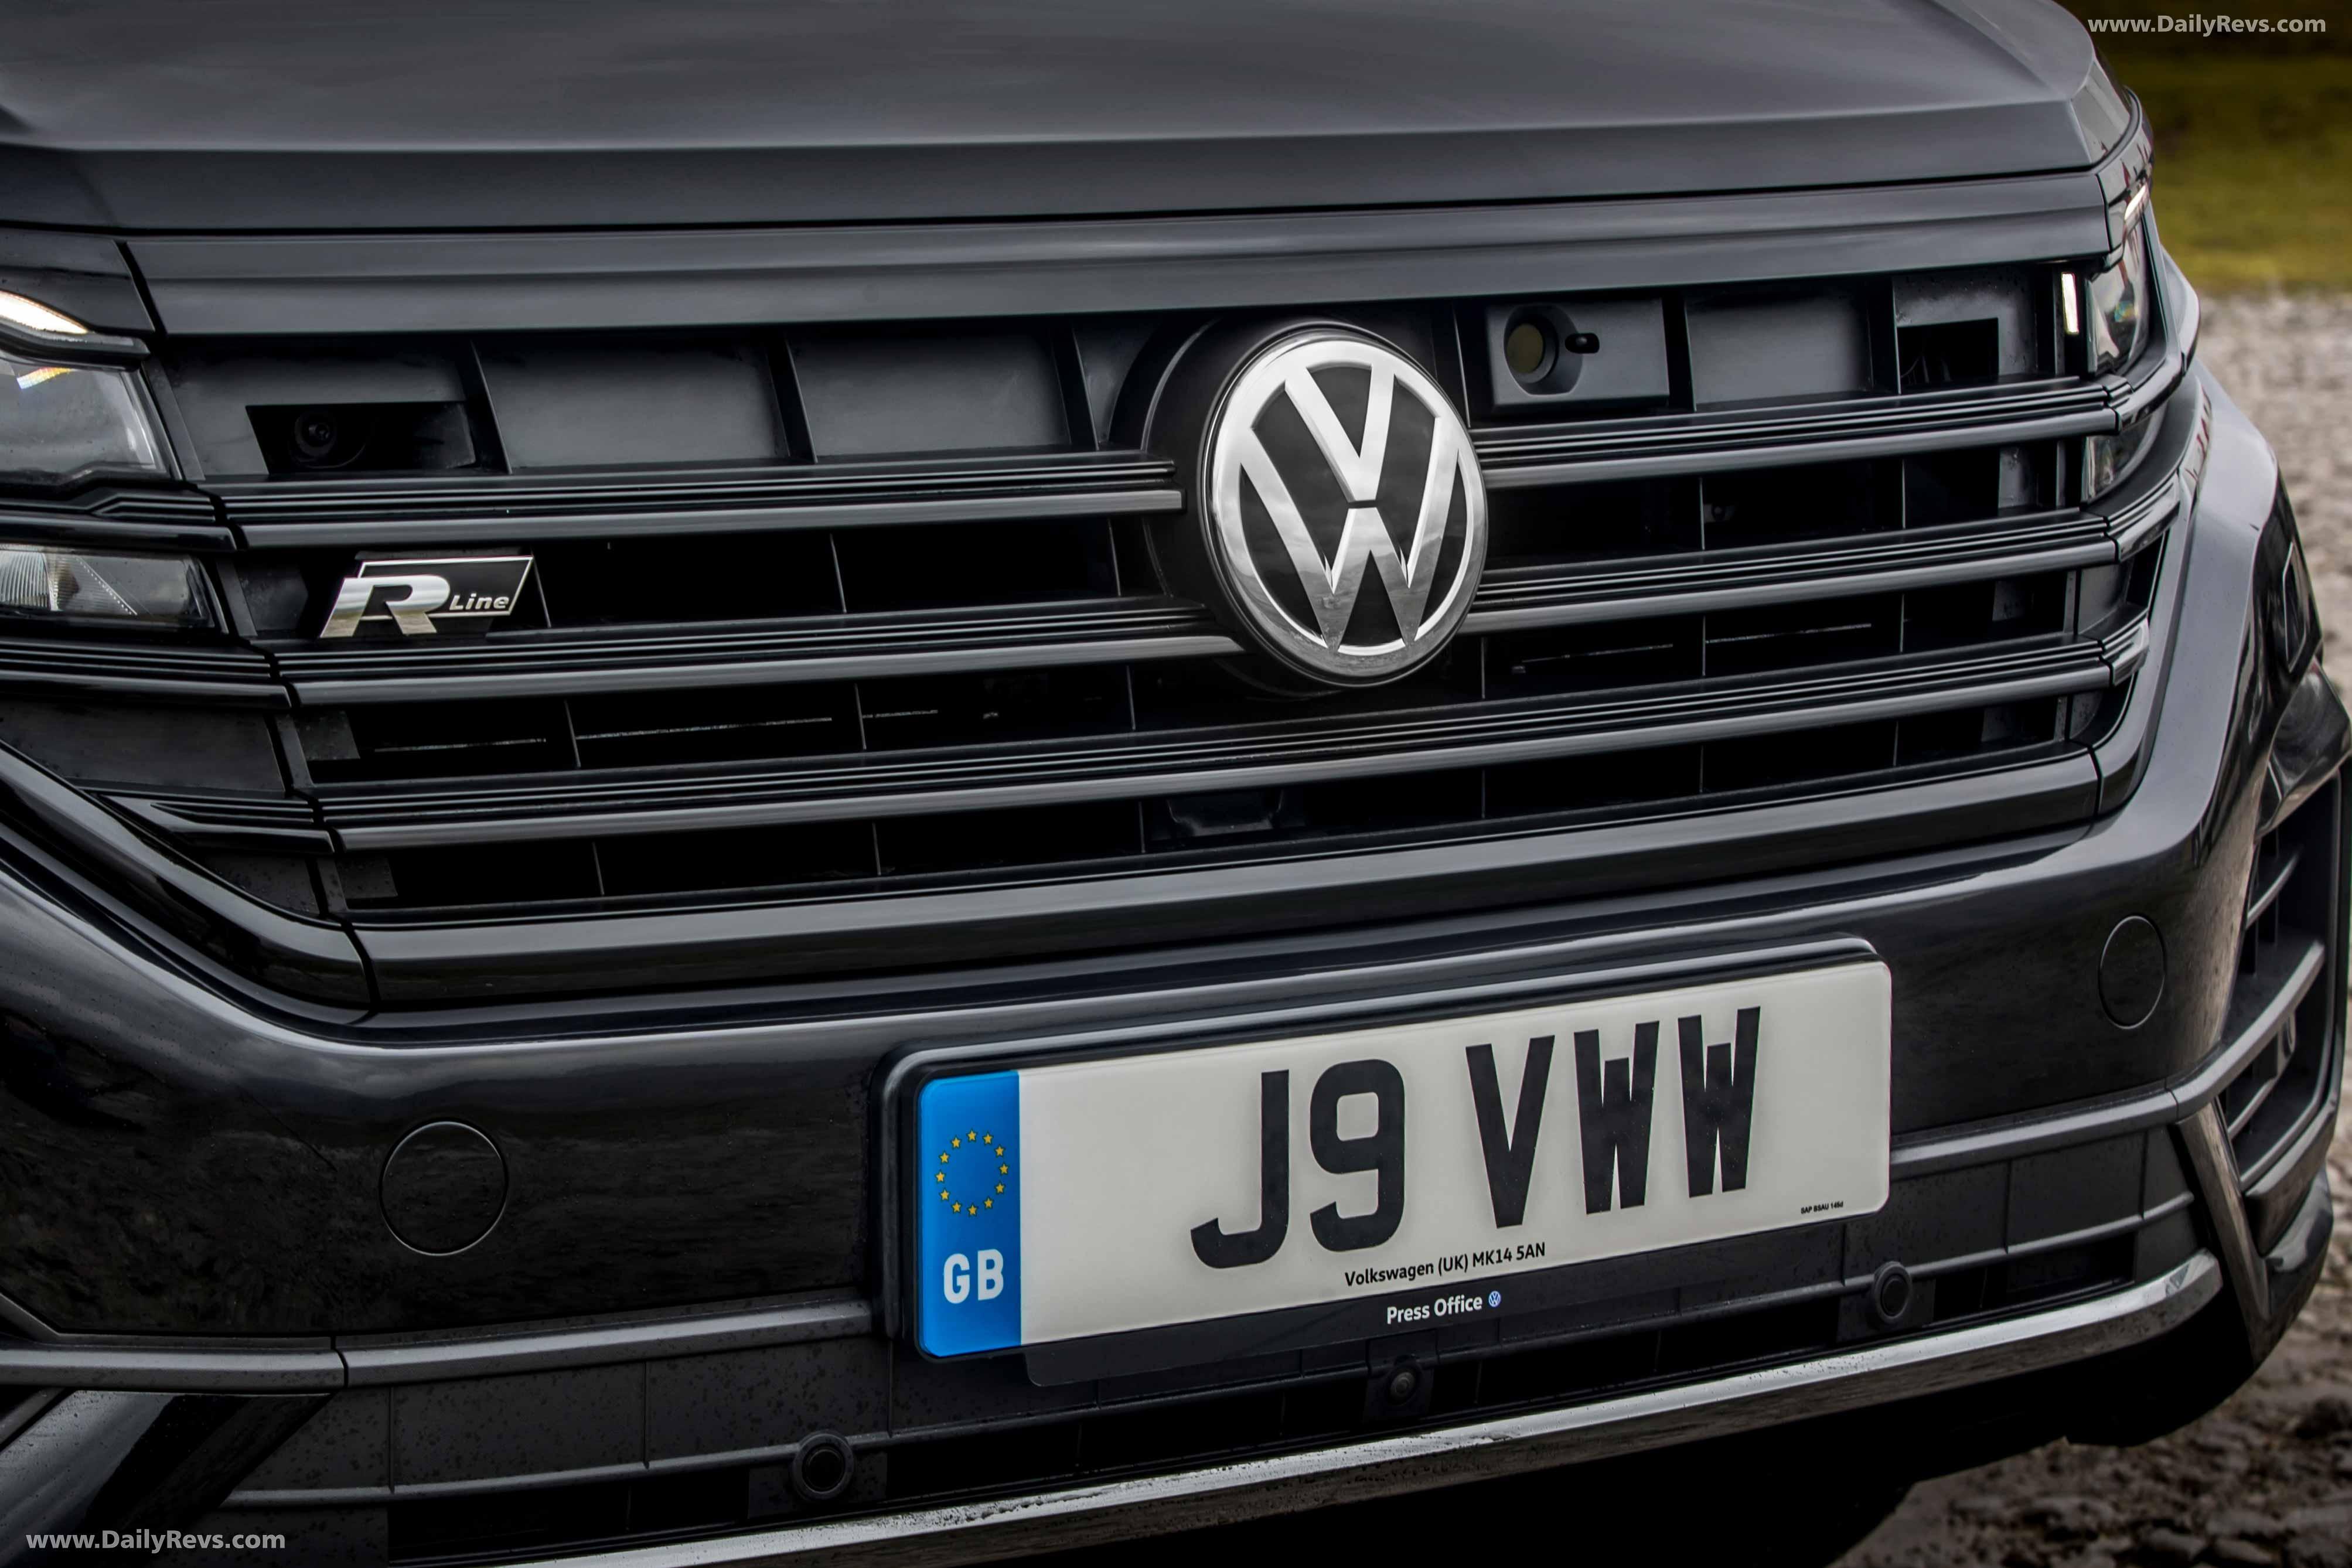 2020 Volkswagen Touareg Black Edition full